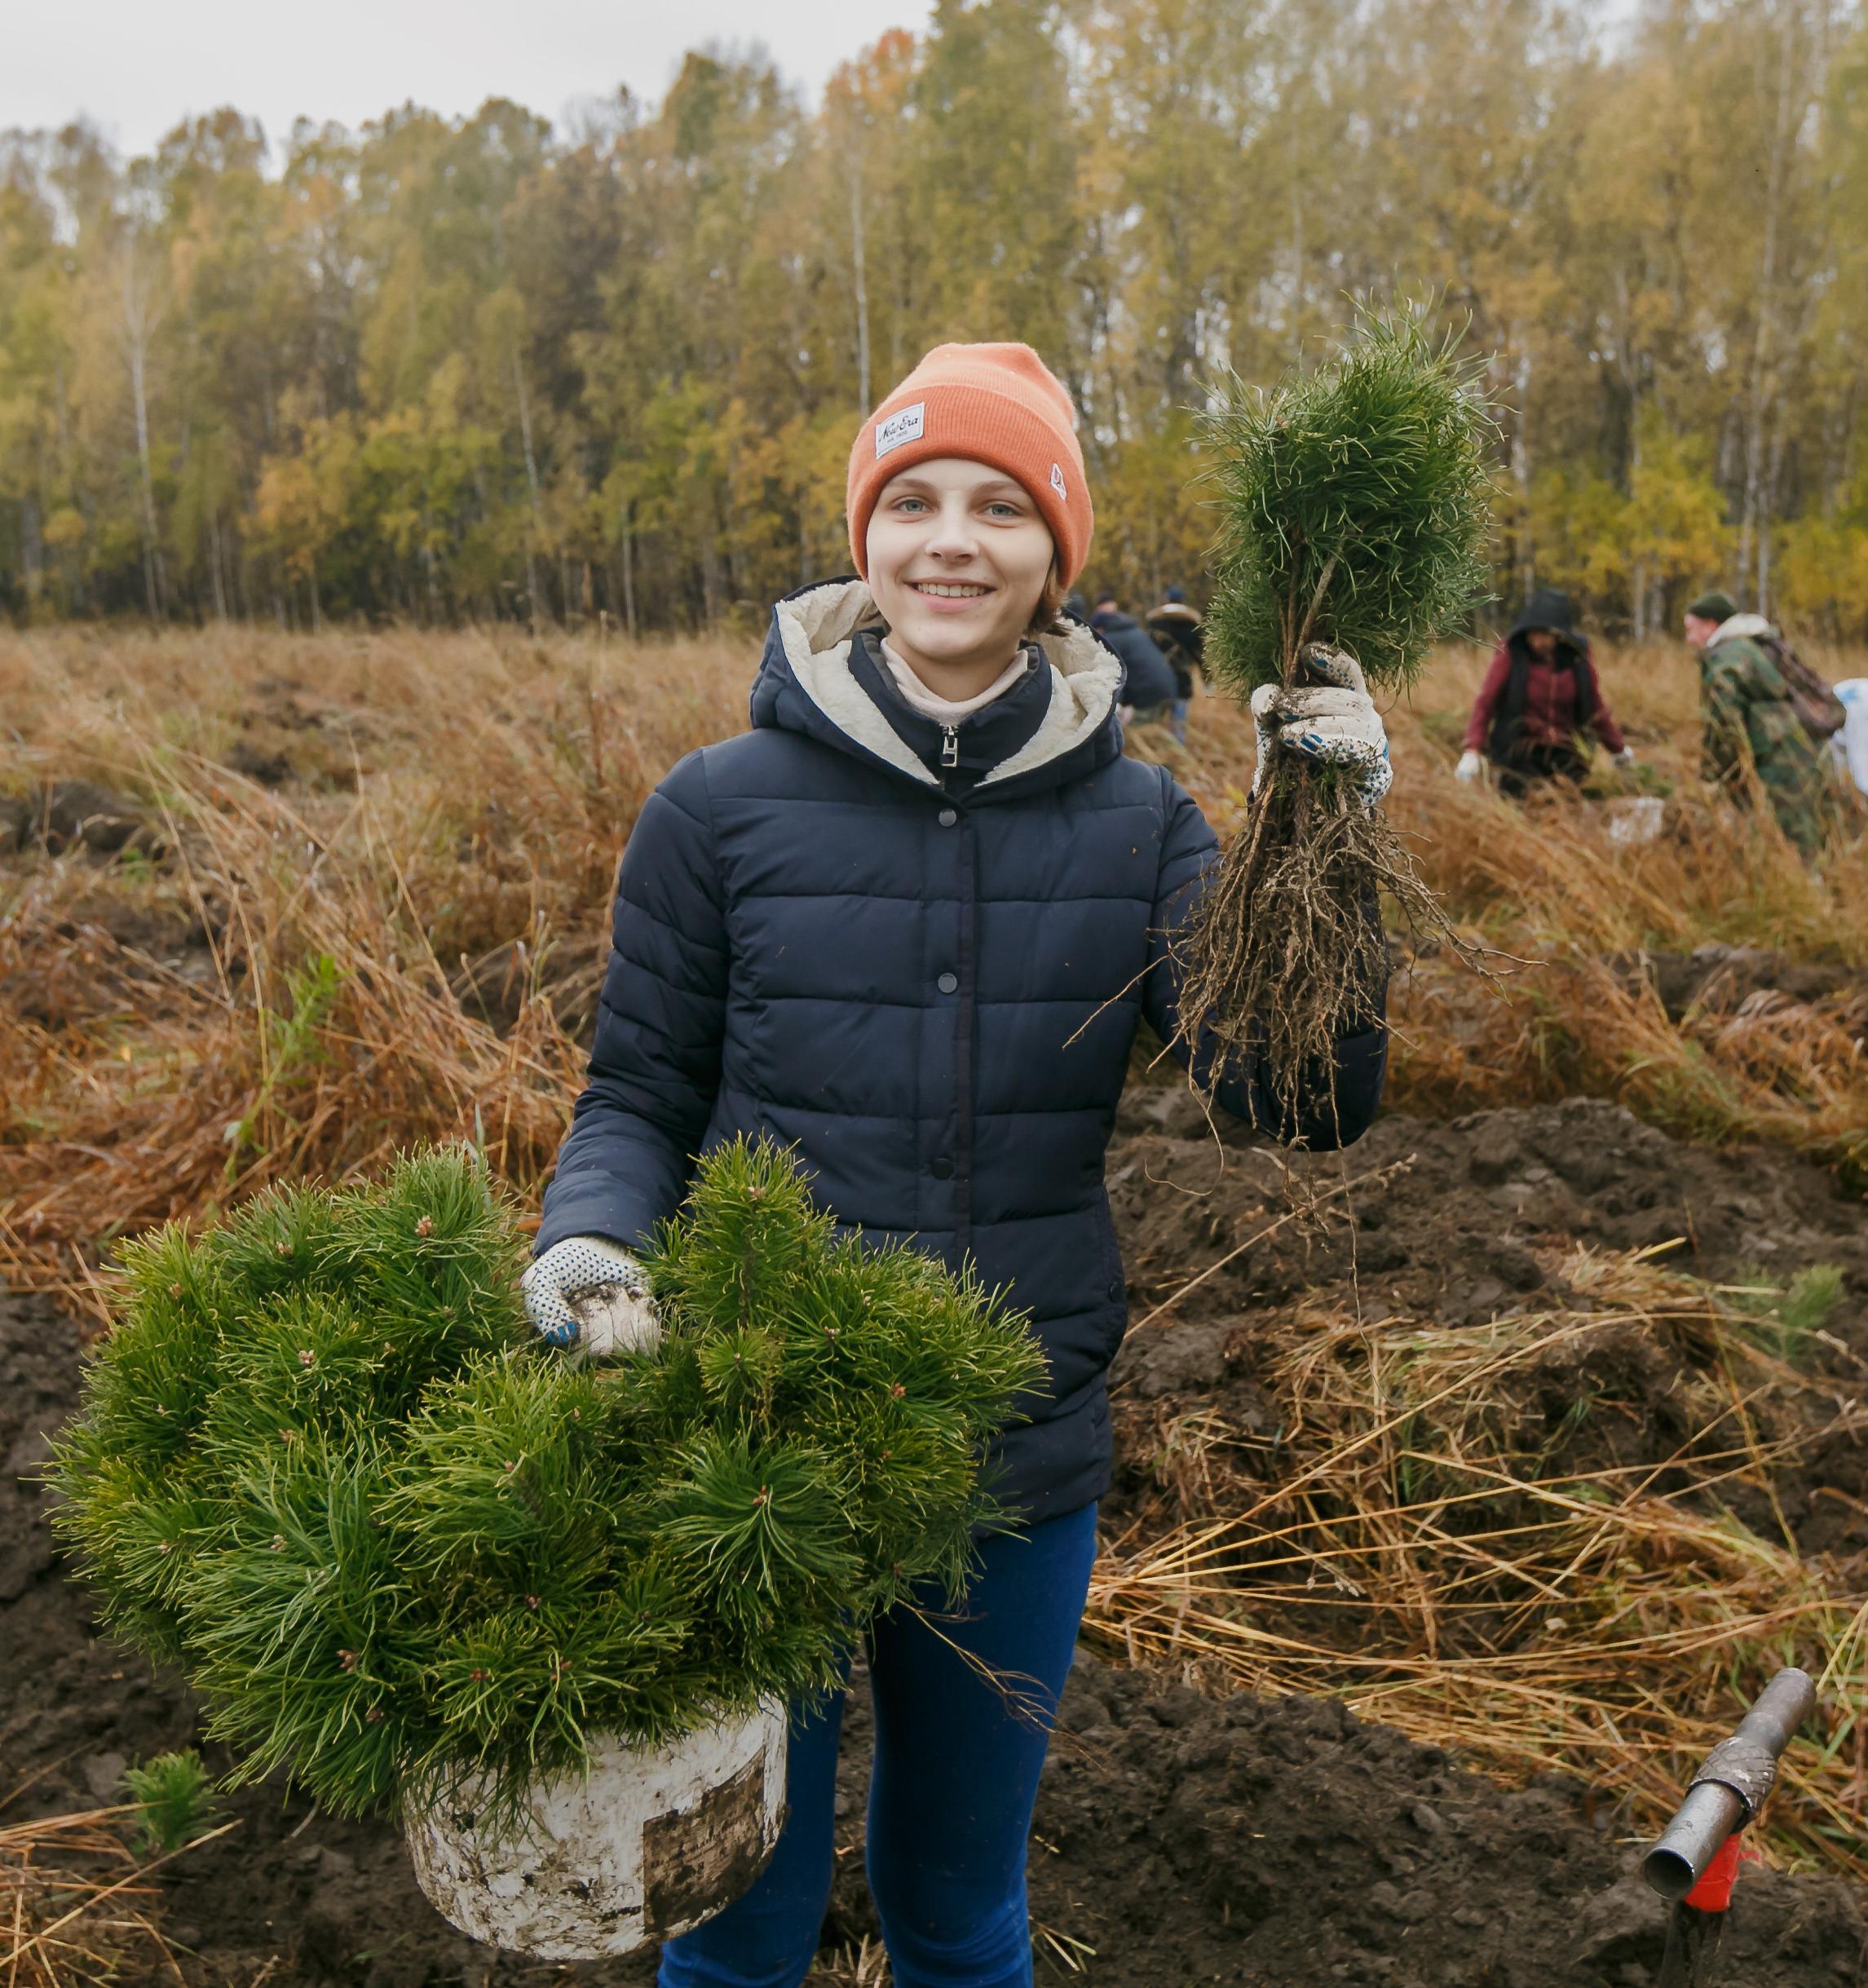 SPLAT посадит 20 тысяч саженцев в четырех регионах России